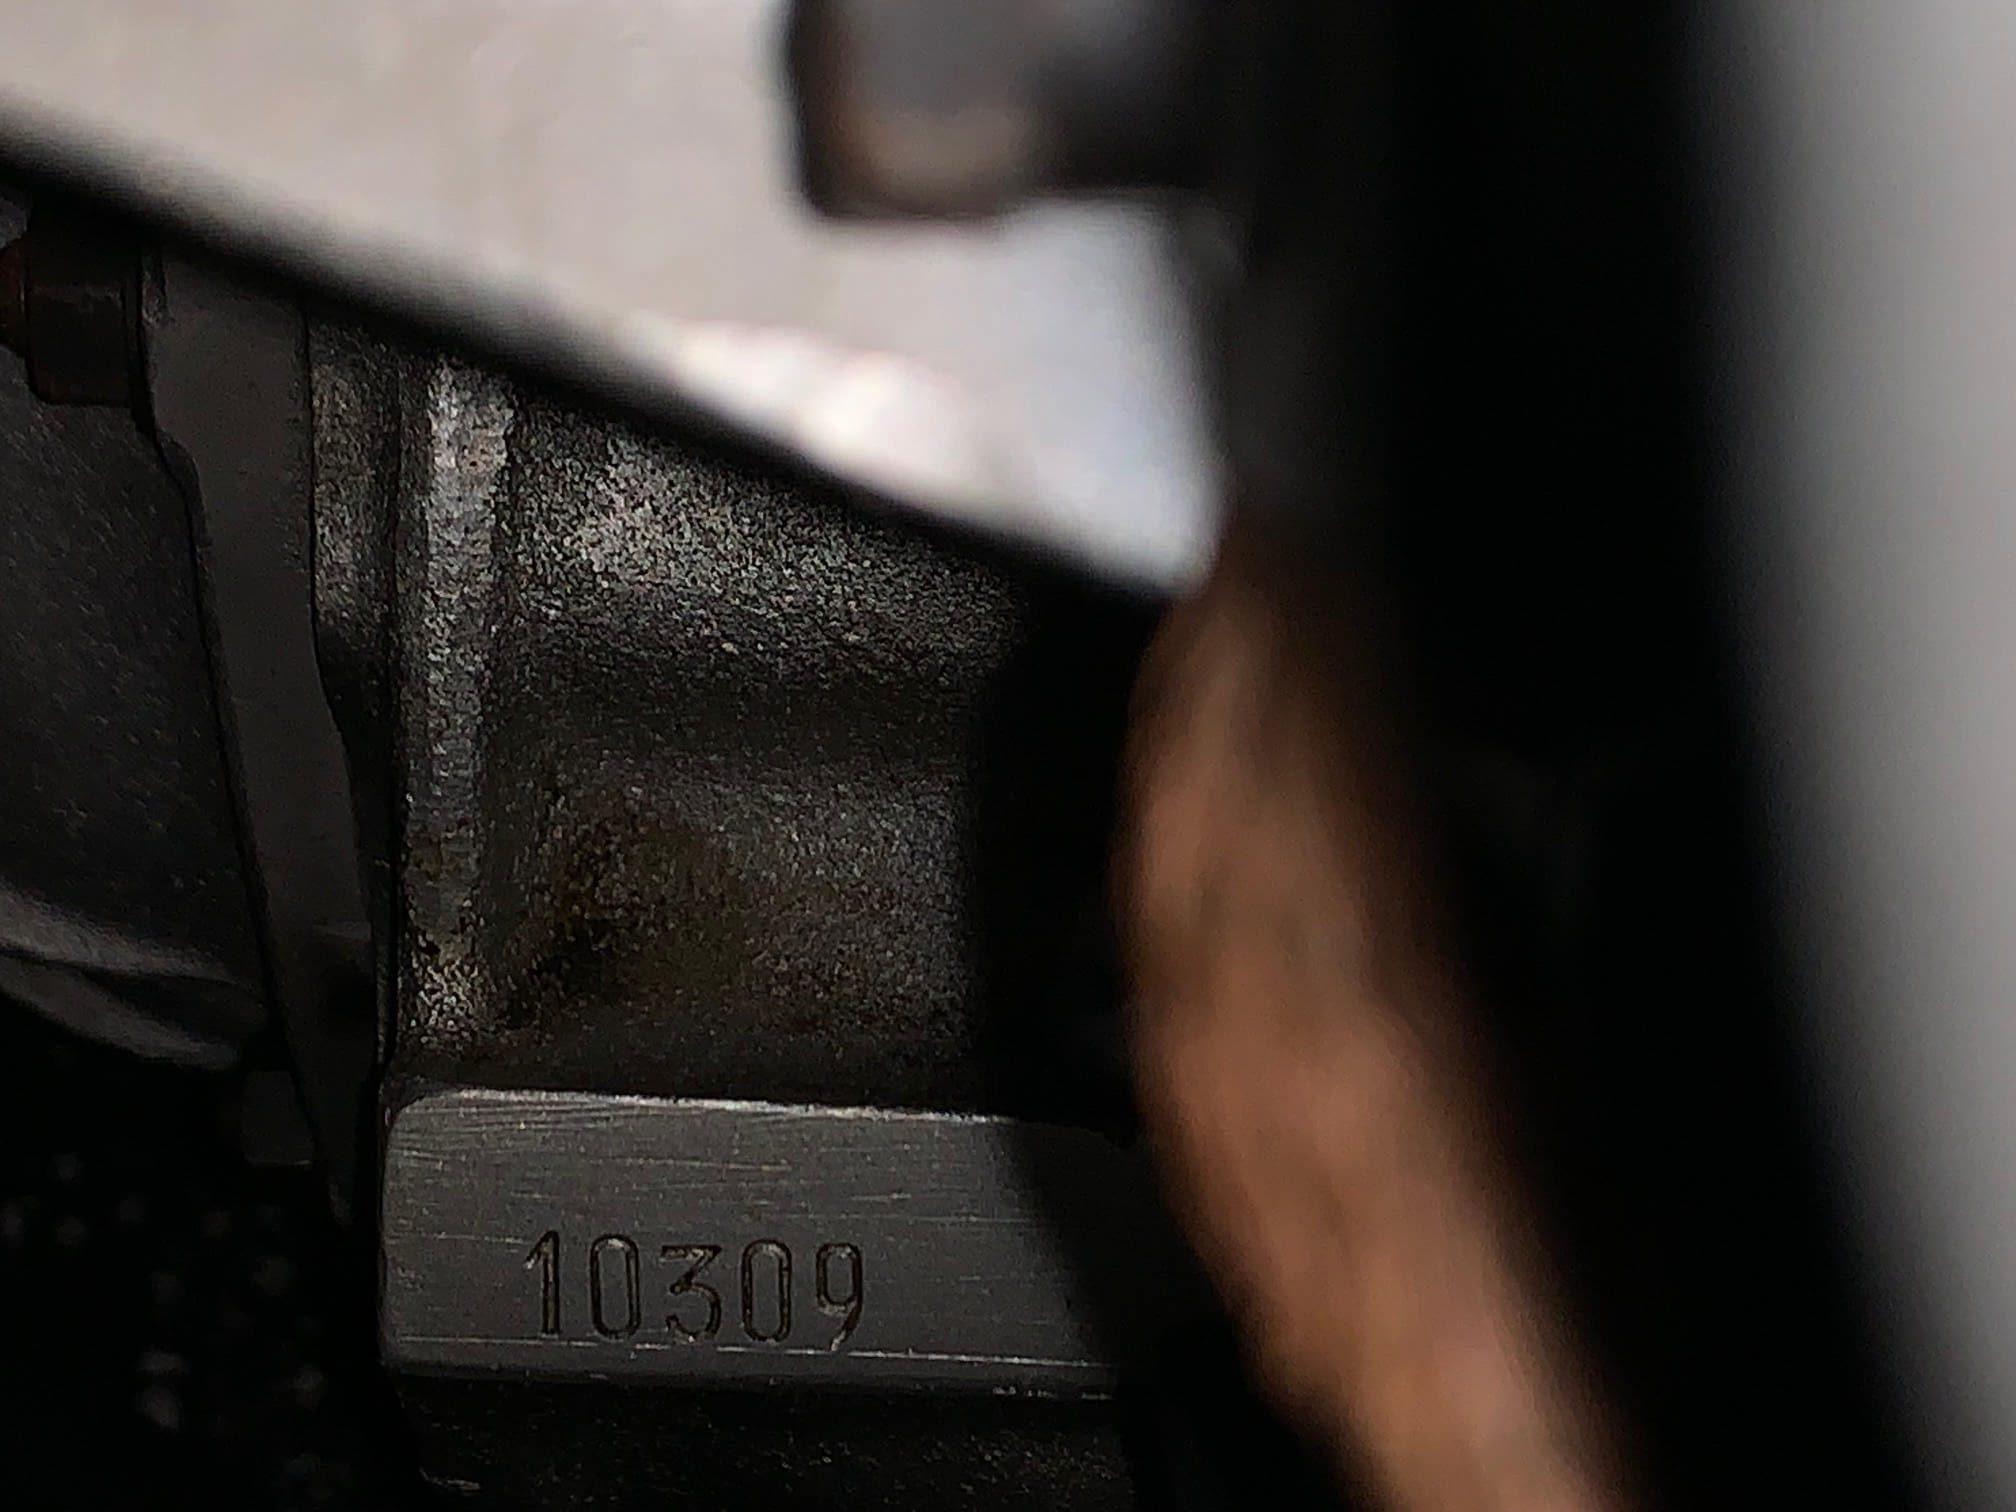 Ferrari 330 GTC Engine Number